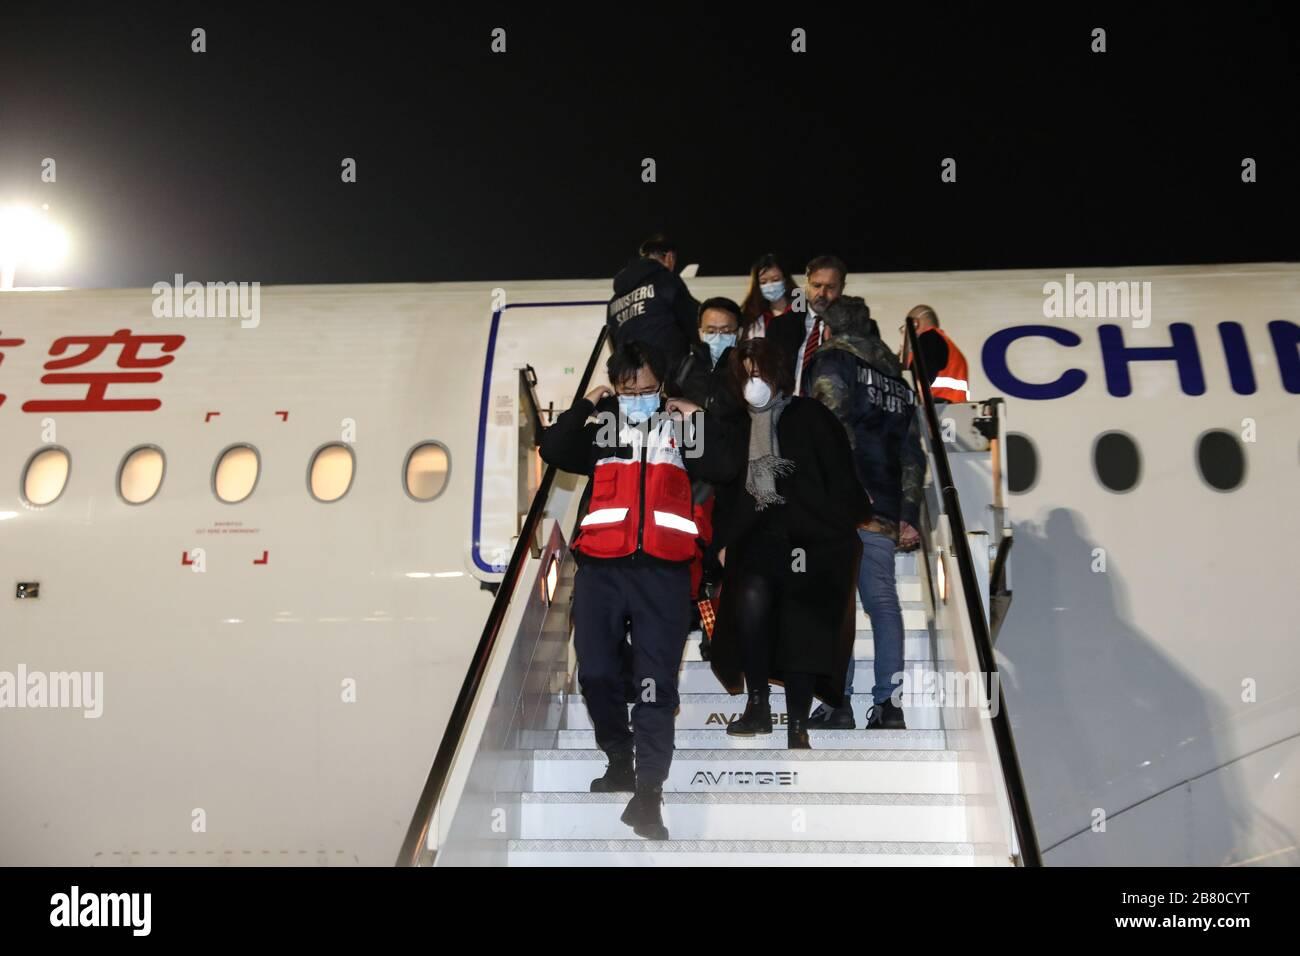 Wuhan, marzo de 12. 19 de marzo de 2020. Los miembros de un equipo de ayuda chino llegan al aeropuerto de Fiumicino en Roma, Italia, el 12 de marzo de 2020. PARA IR CON LOS TITULARES DE XINHUA DEL 19 DE MARZO DE 2020. Crédito: Cheng Tingting/Xinhua/Alamy Live News Foto de stock